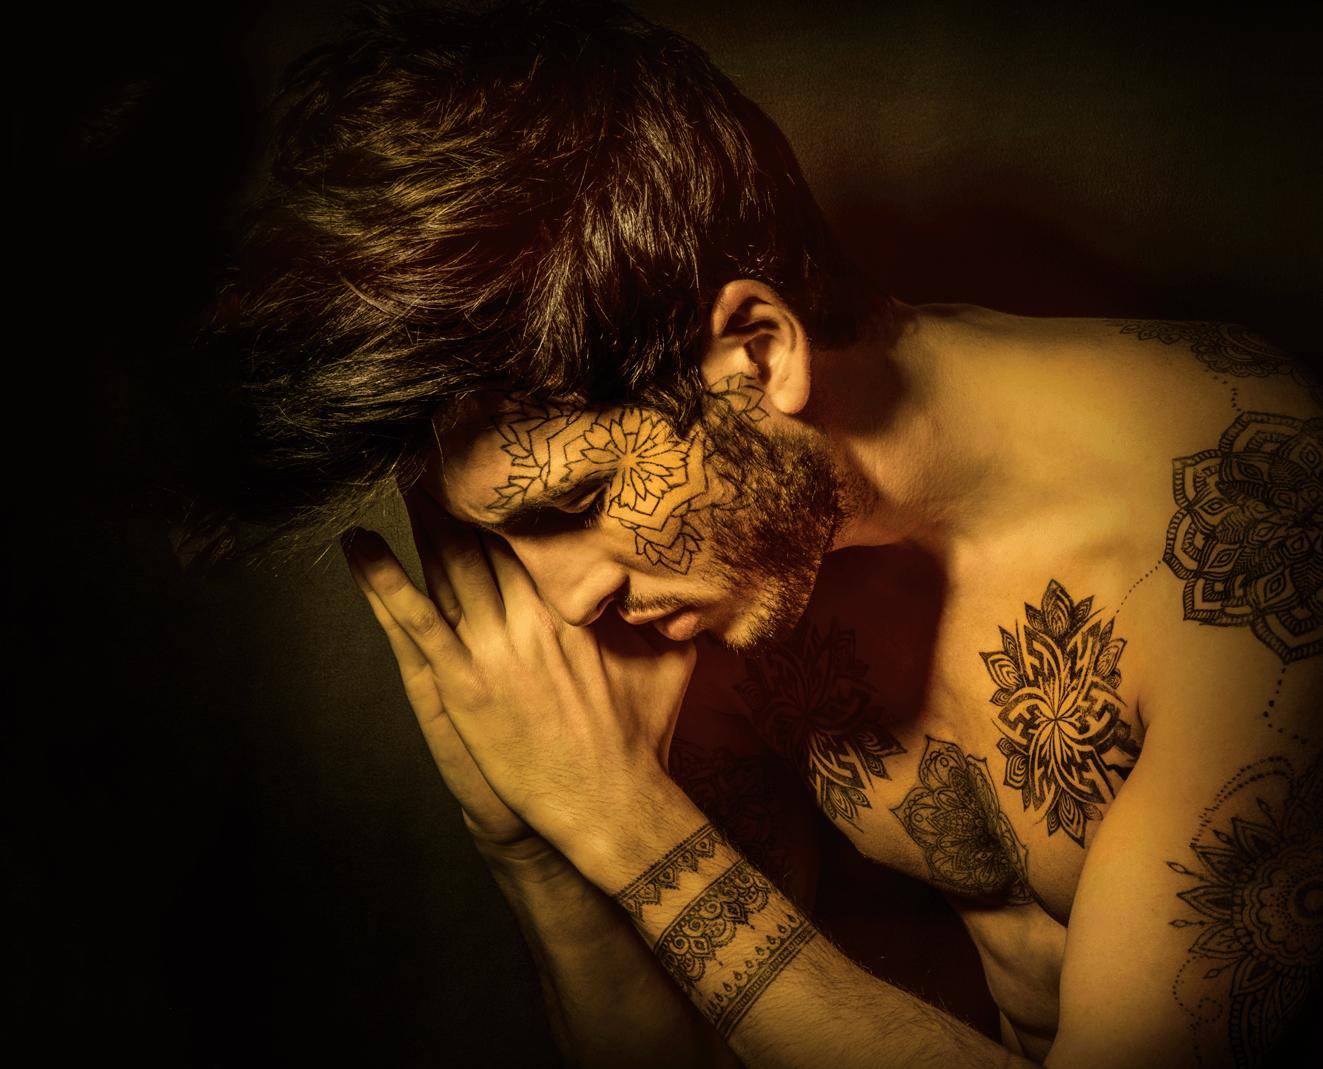 Carátula del álbum Mantra, Sebastián Yatra, 2018.